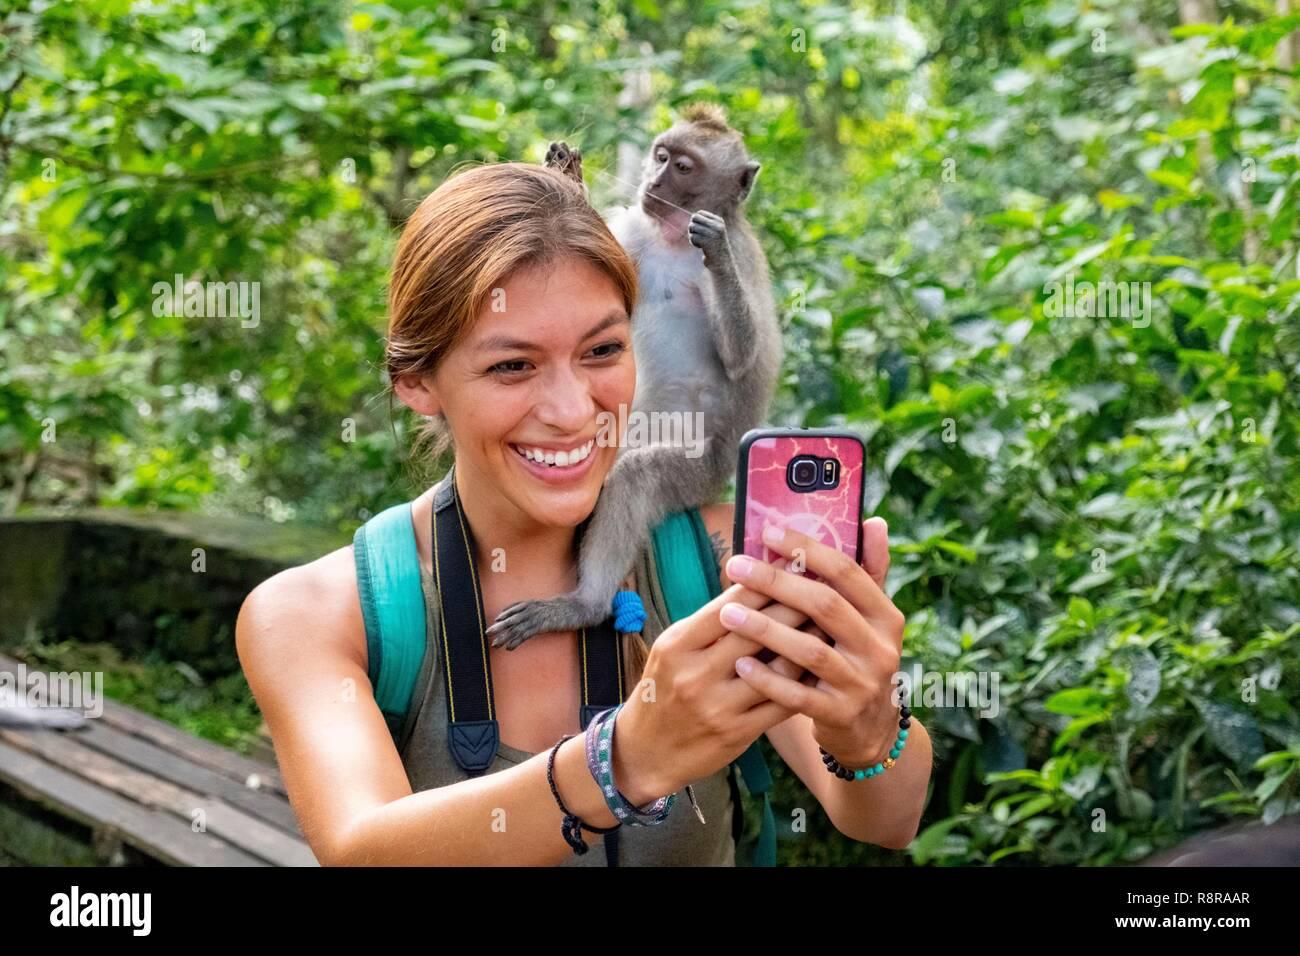 Indonesia, Bali, Center, Ubud, Monkey Forest (monkey forest) - Stock Image